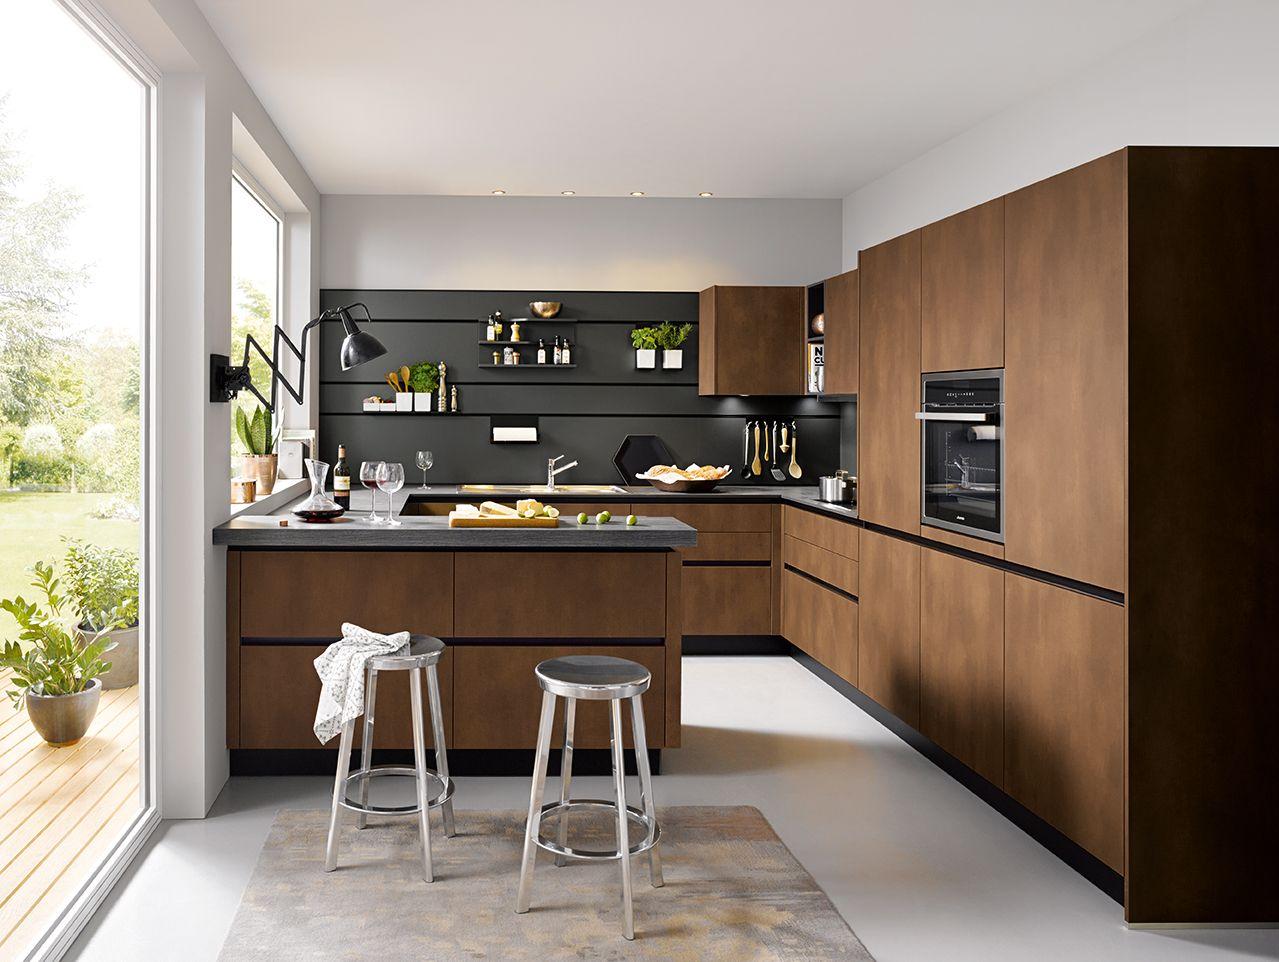 Modernkitchendesignideasschuller German Kitchens  Steel Amusing Modern German Kitchen Designs Design Decoration